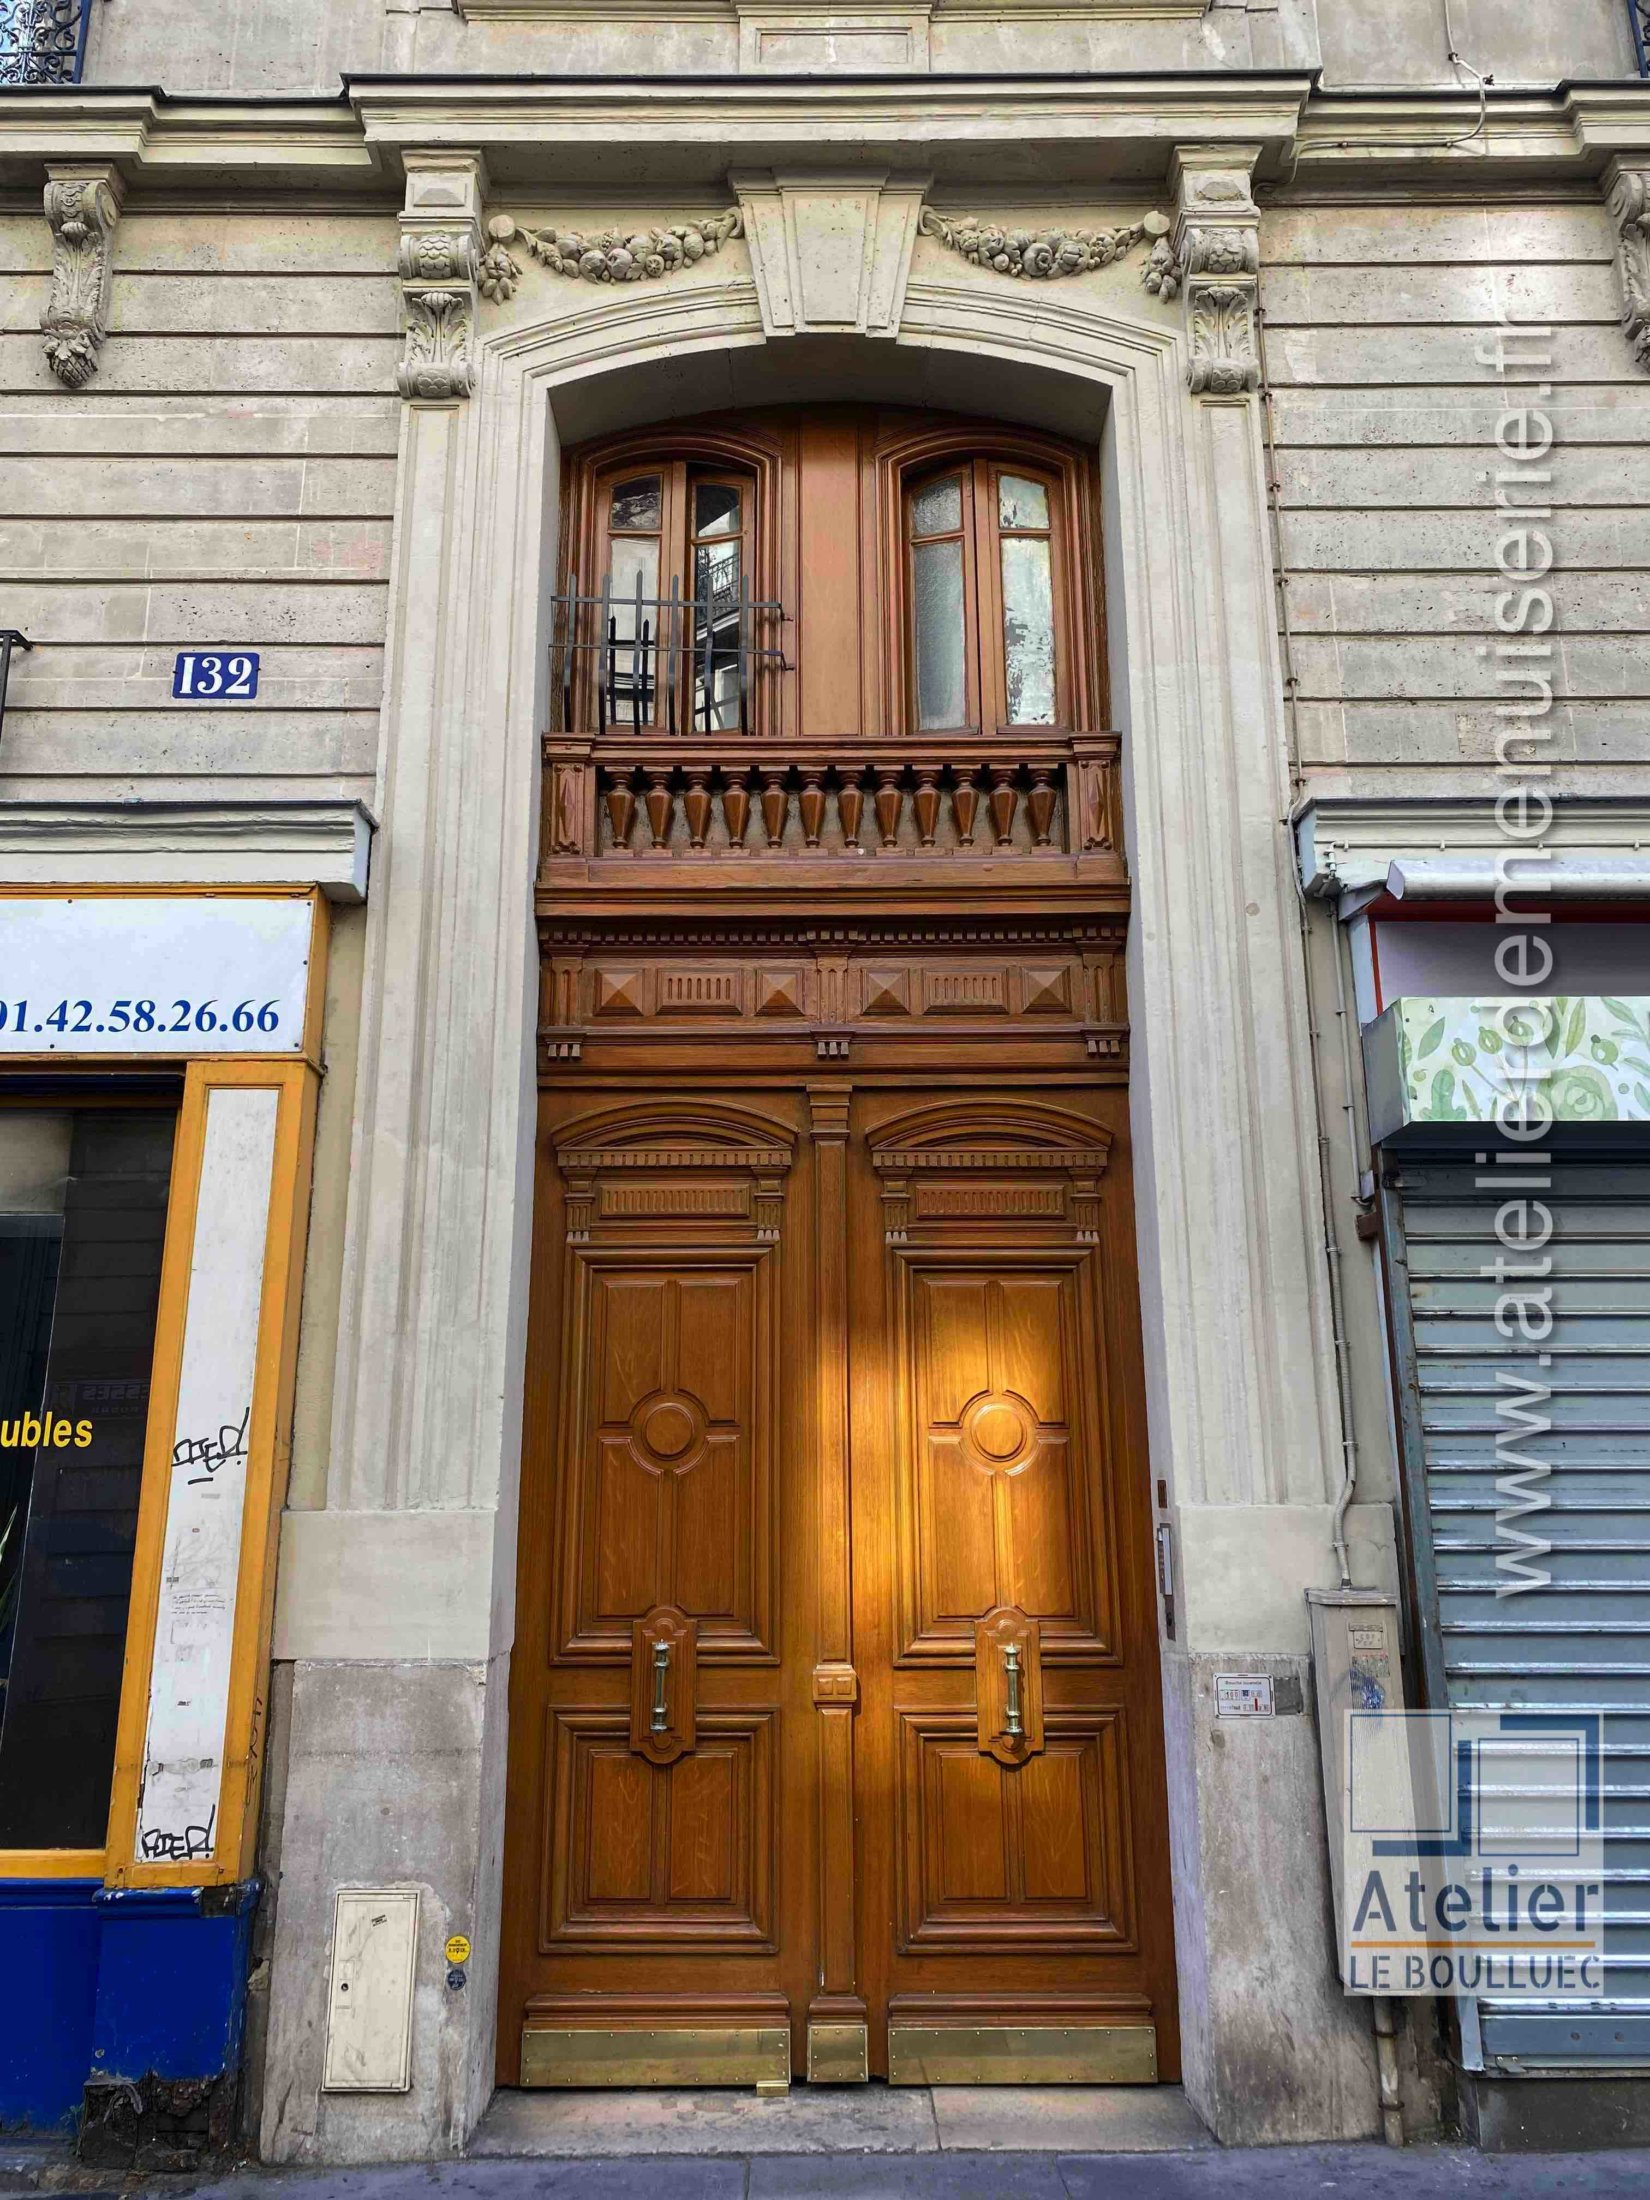 Porte Cochère - 132 RUE DAMREMONT PARIS 18